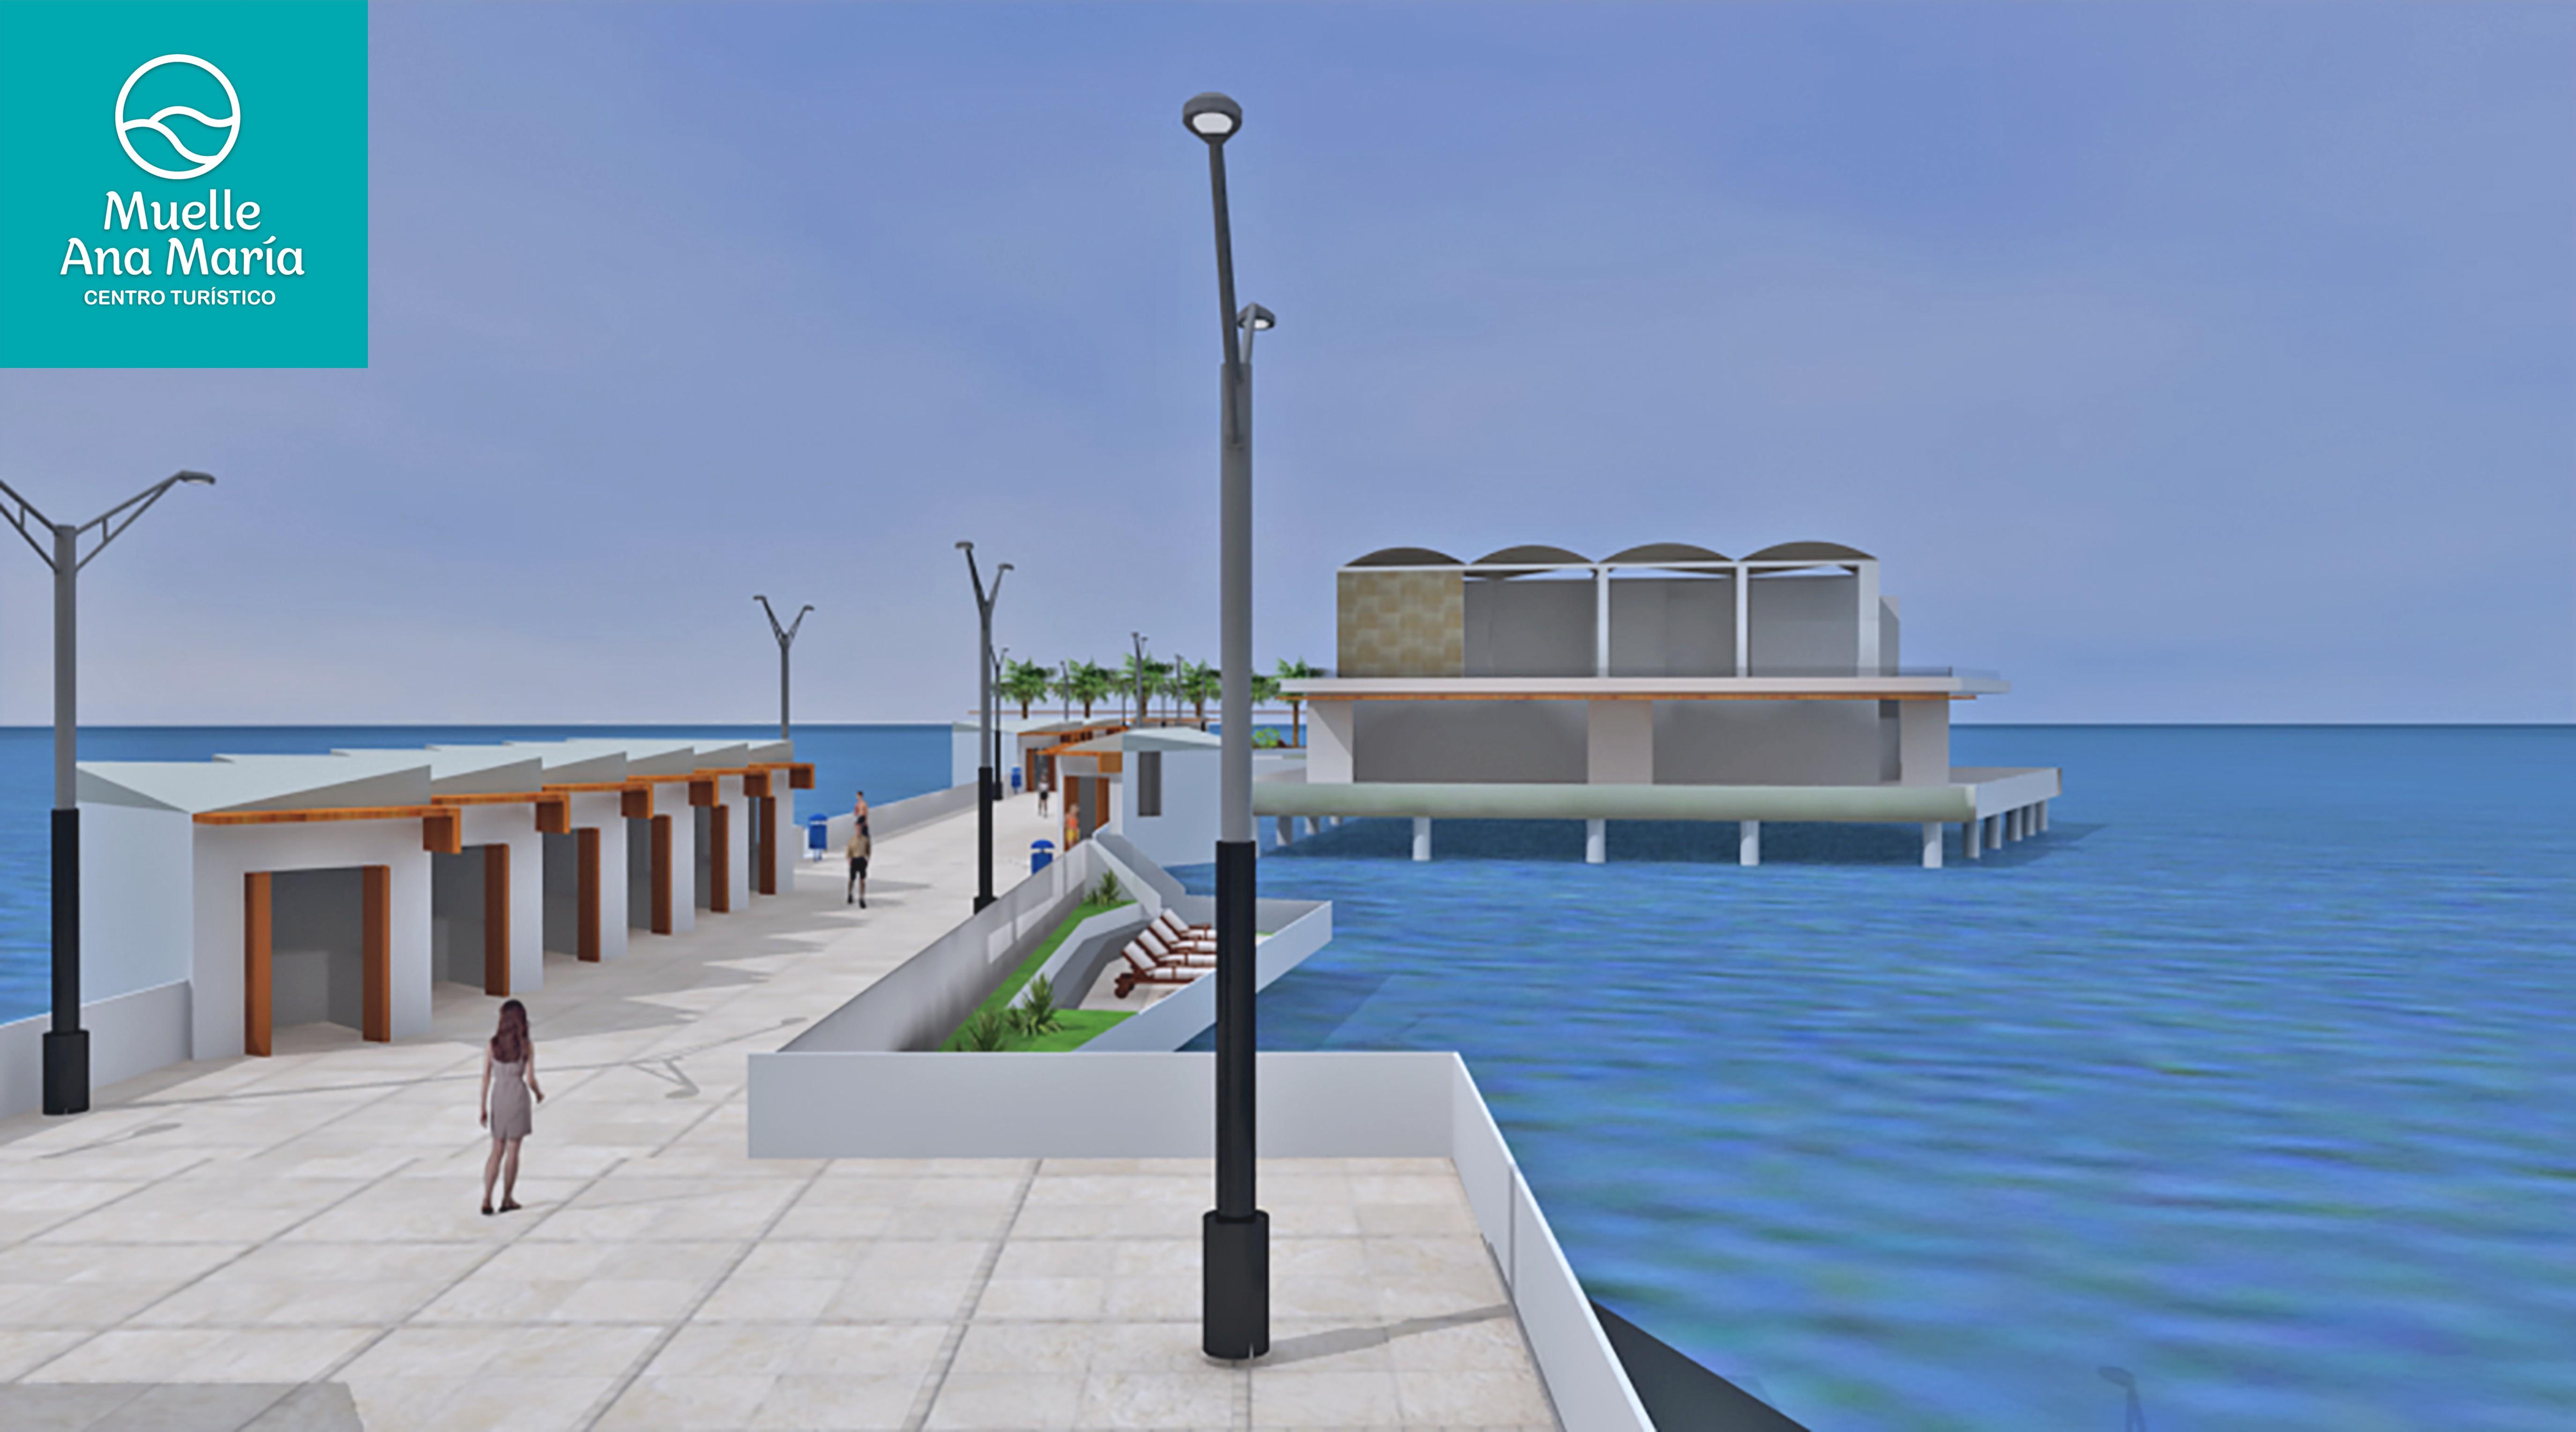 Muelle Ana María - Invertirán US$ 8 millones para construir centro turístico en Costa Verde de Barranco